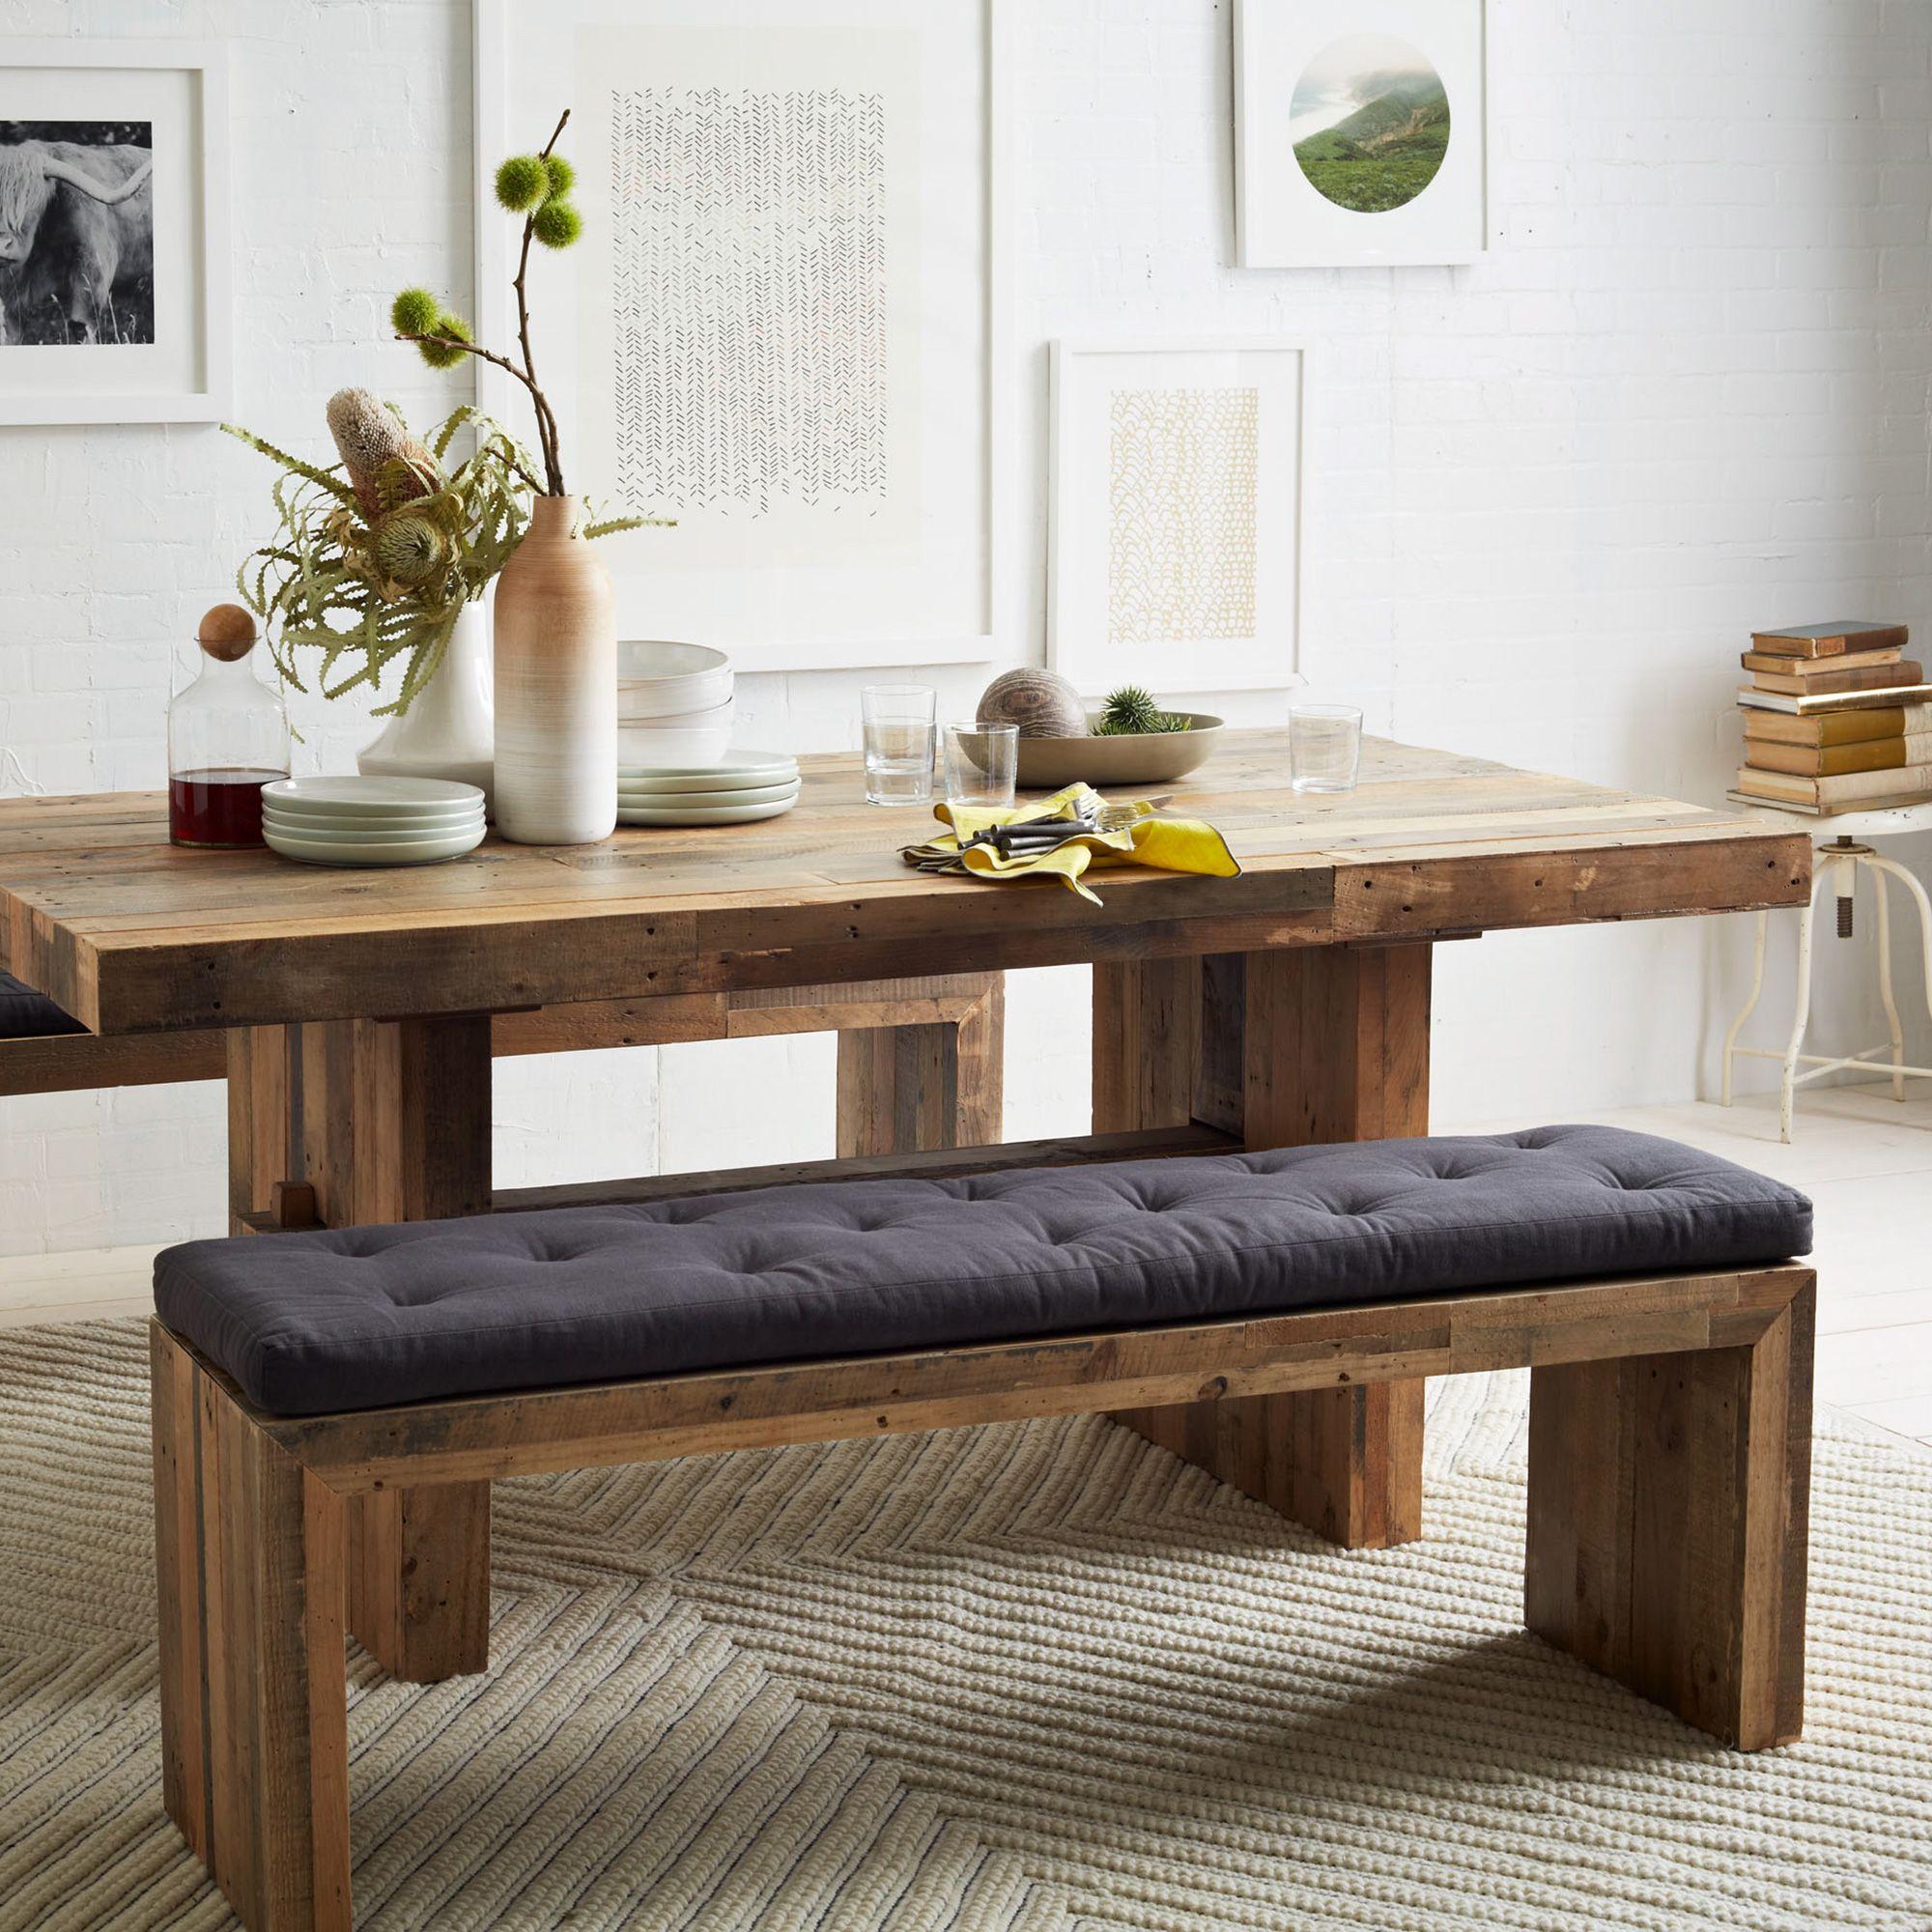 Design West Elm Dining Table buy west elm emmerson 6 seater dining table john lewis online at johnlewis com